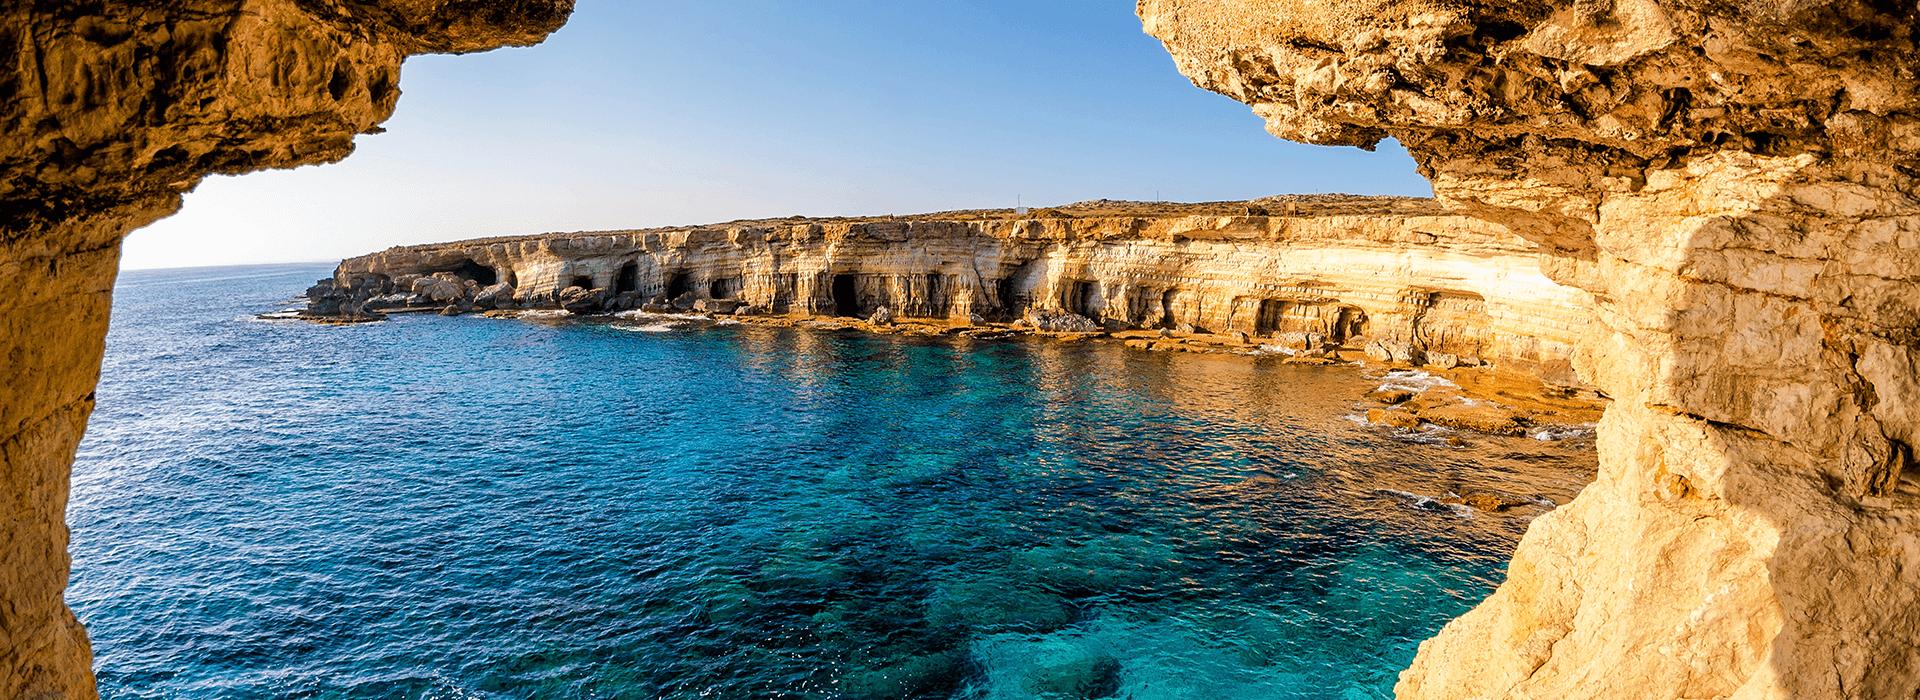 Κύπρο 1